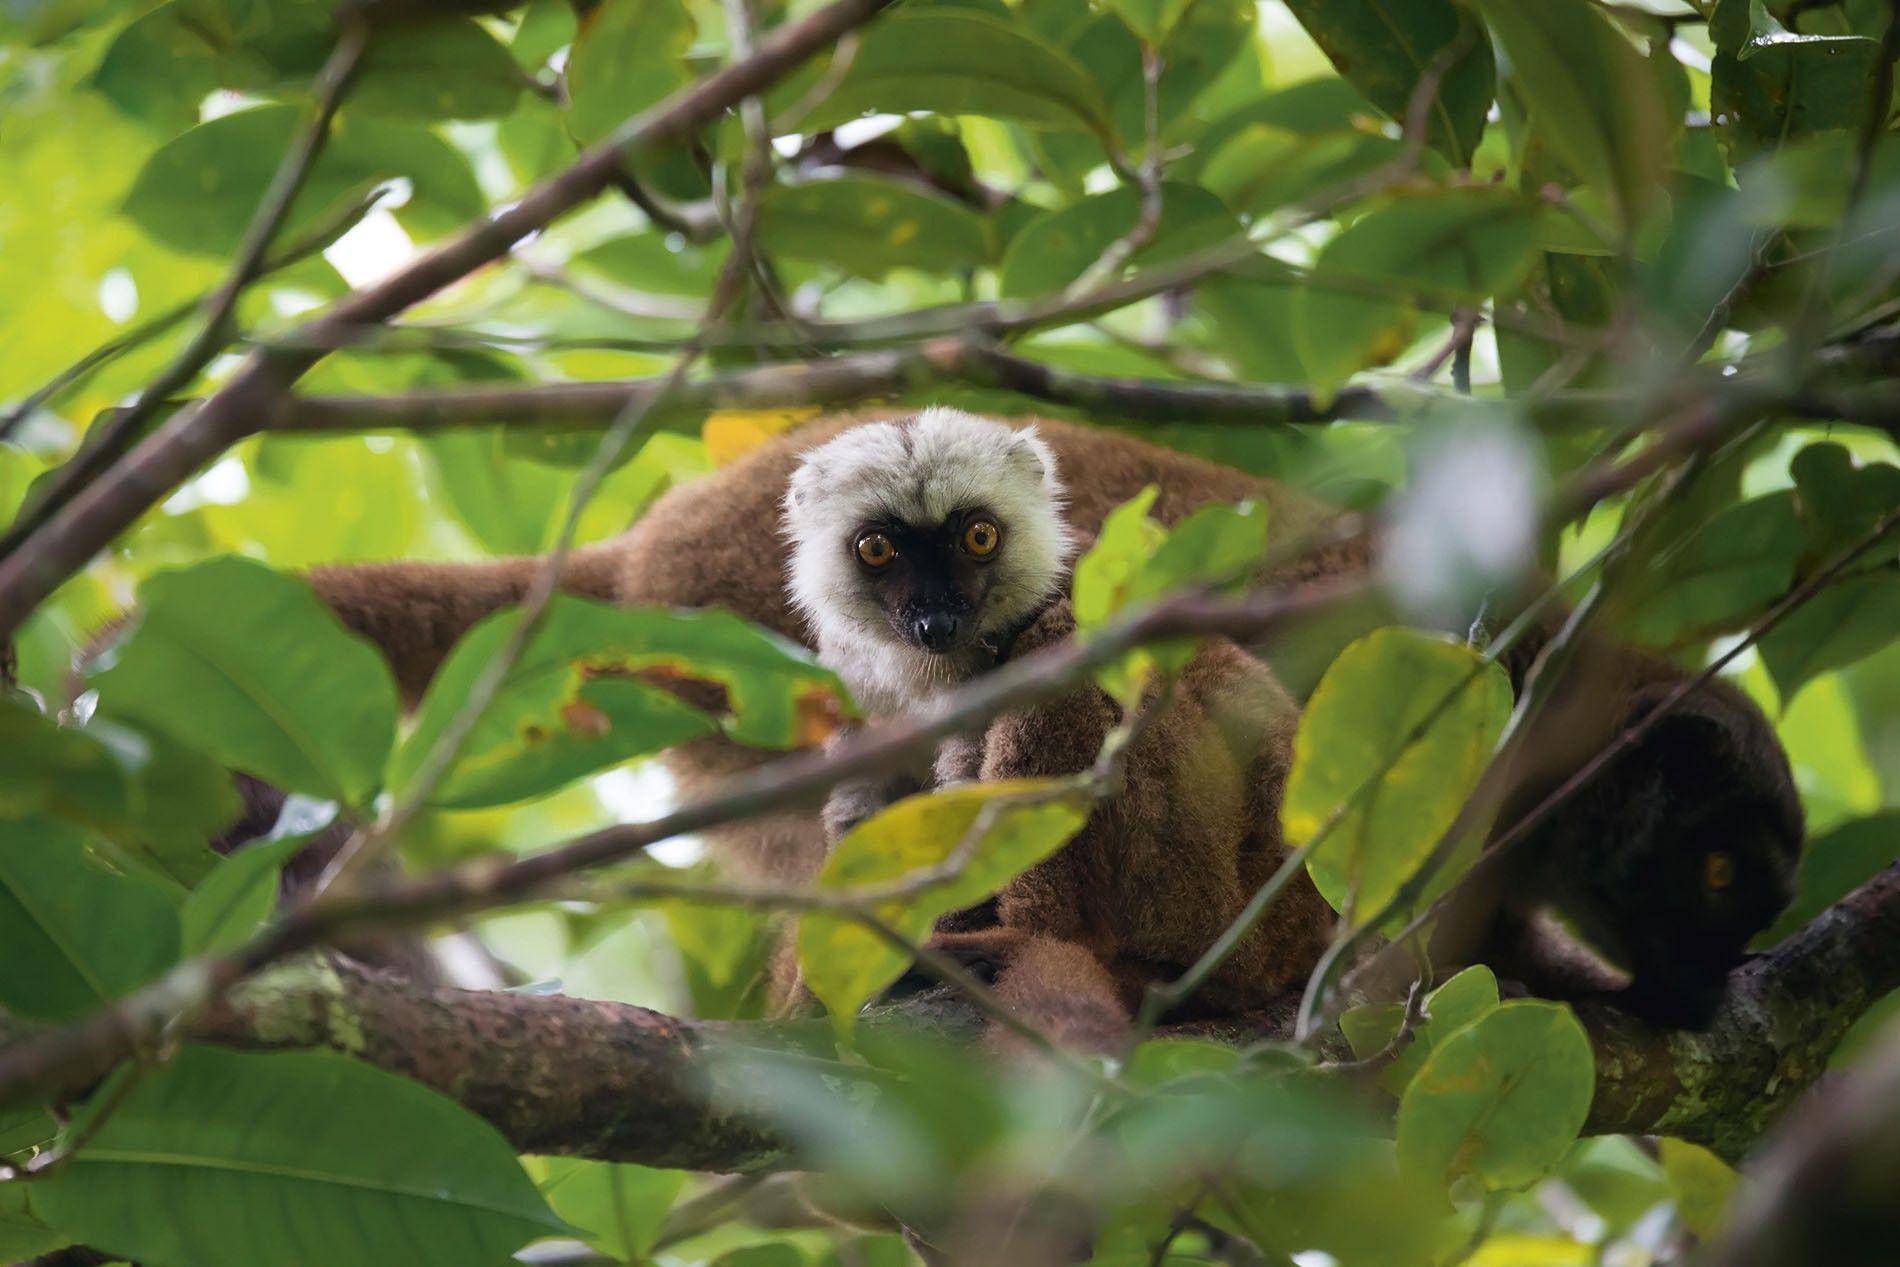 White-headed lemur